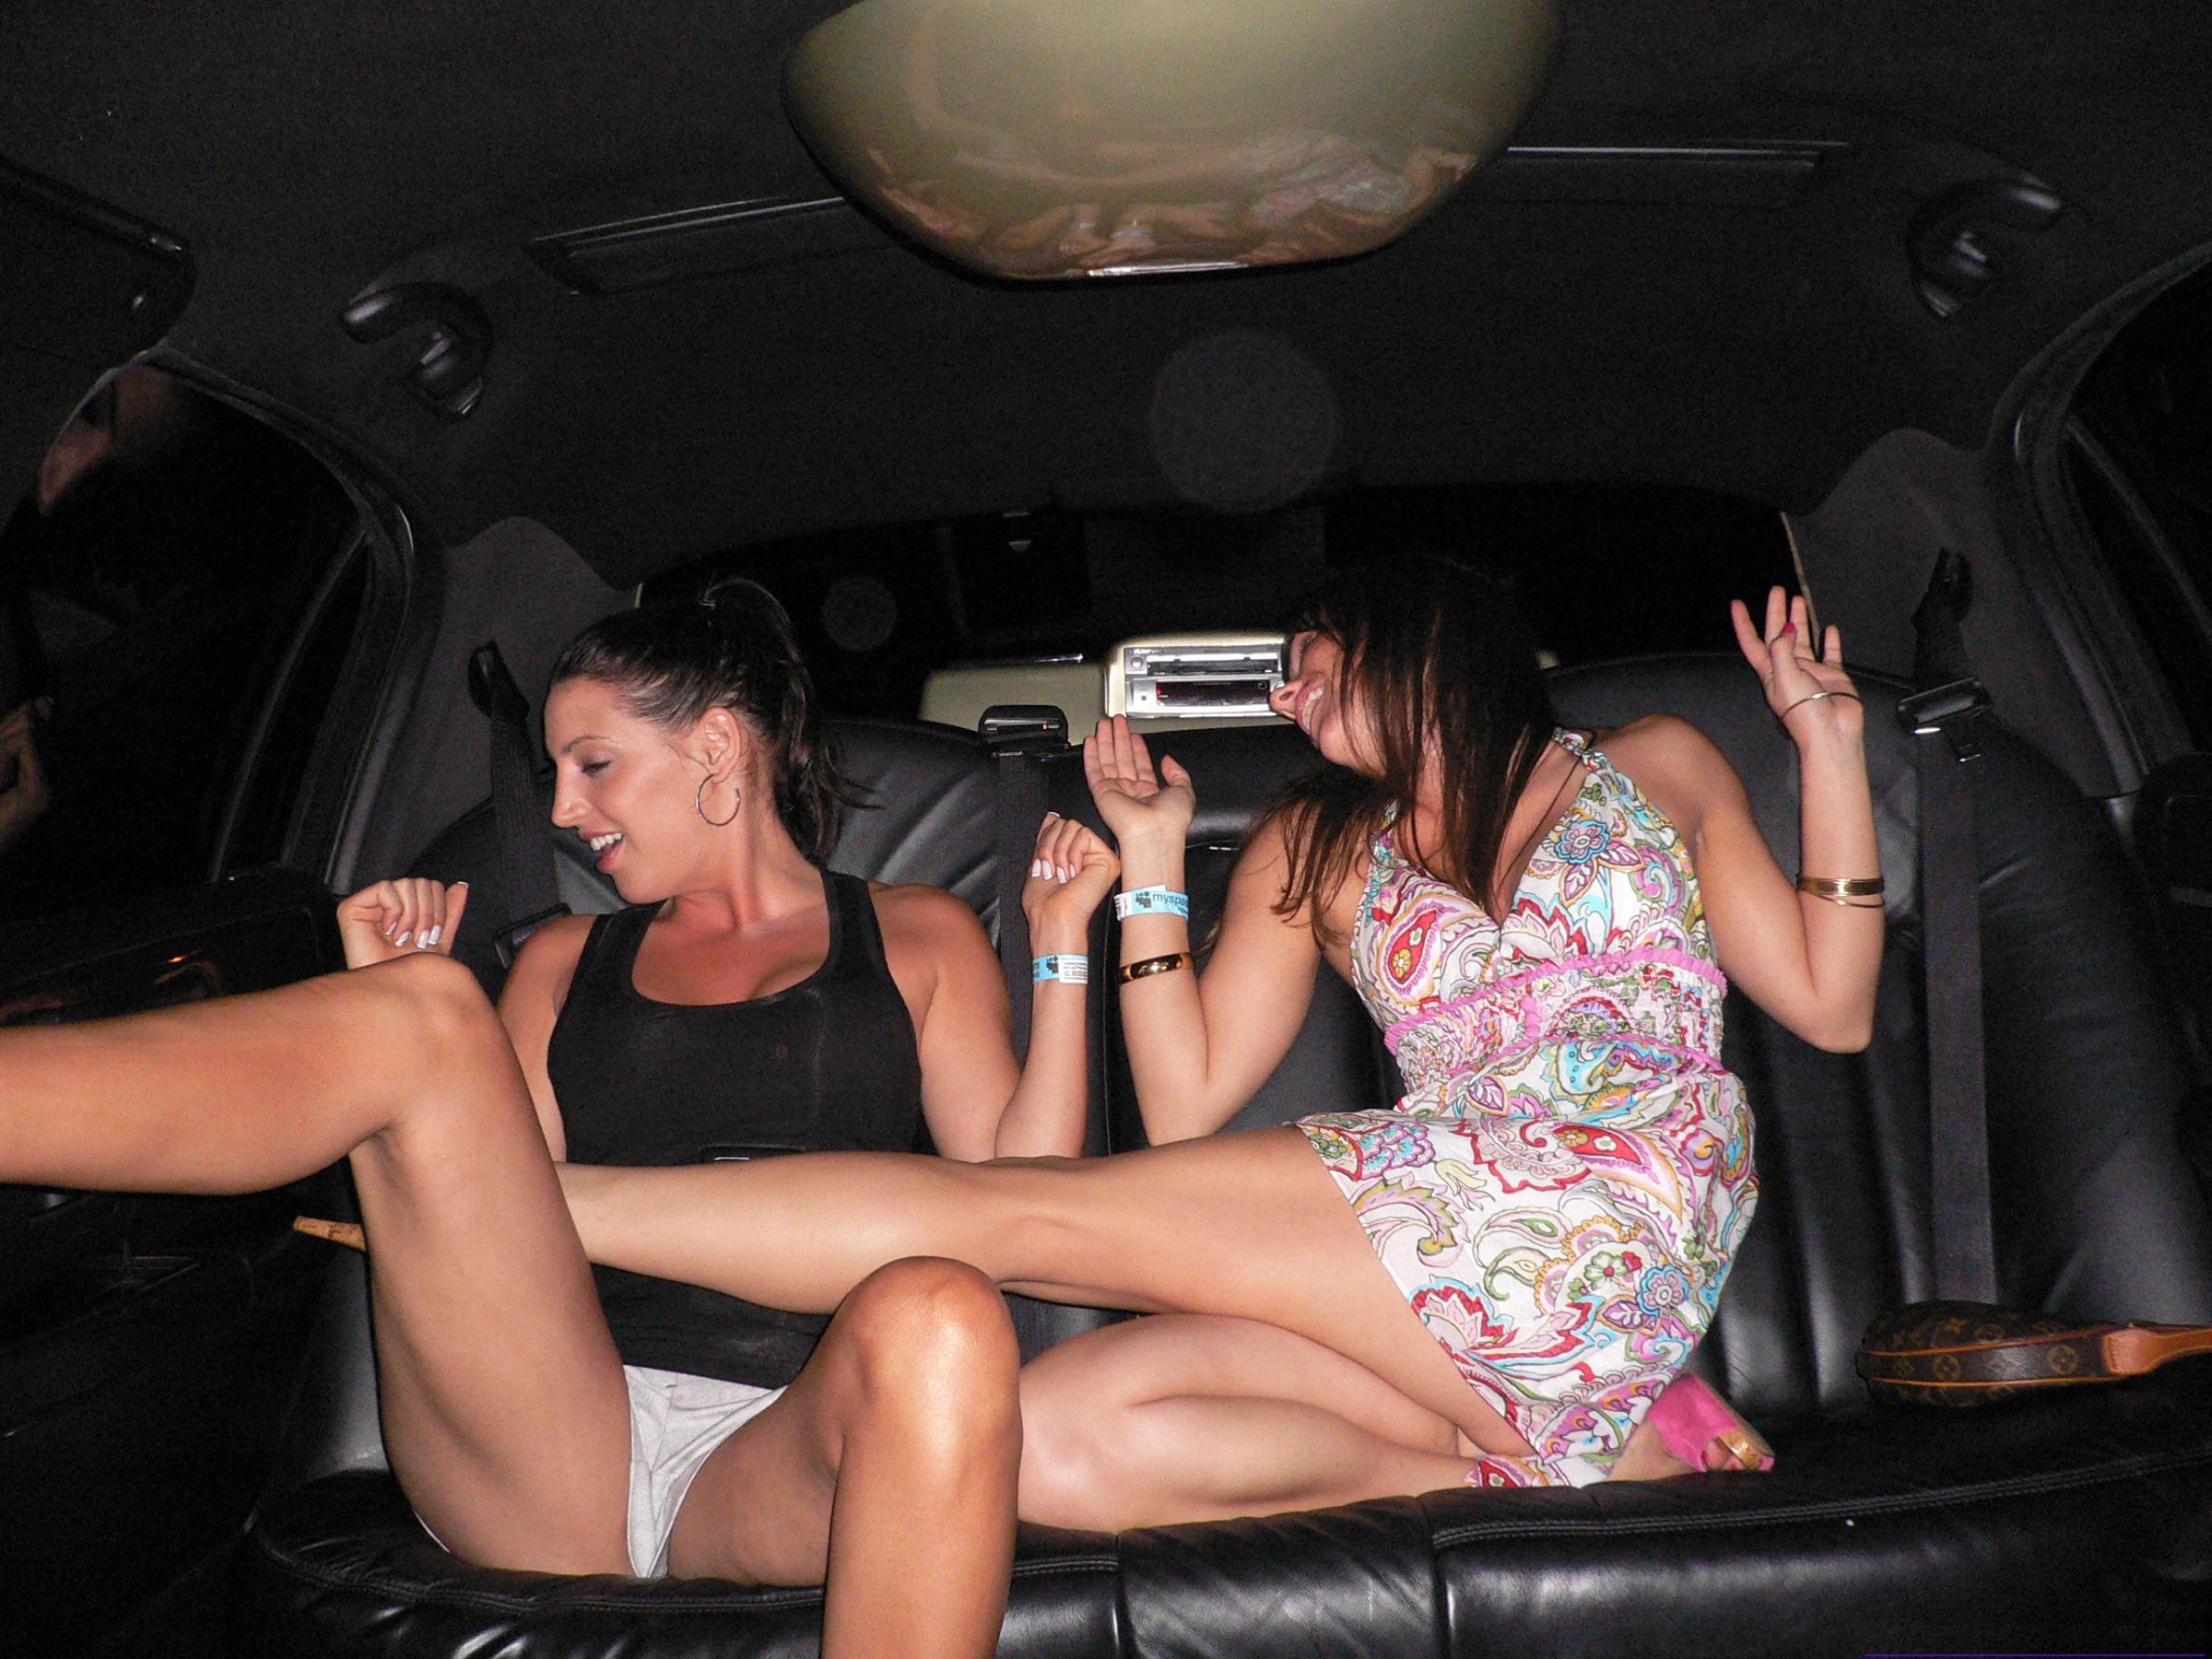 リムジン女子会で酒に飲まれた女たちの末路がヤバイwwwwwww(画像26枚)・13枚目